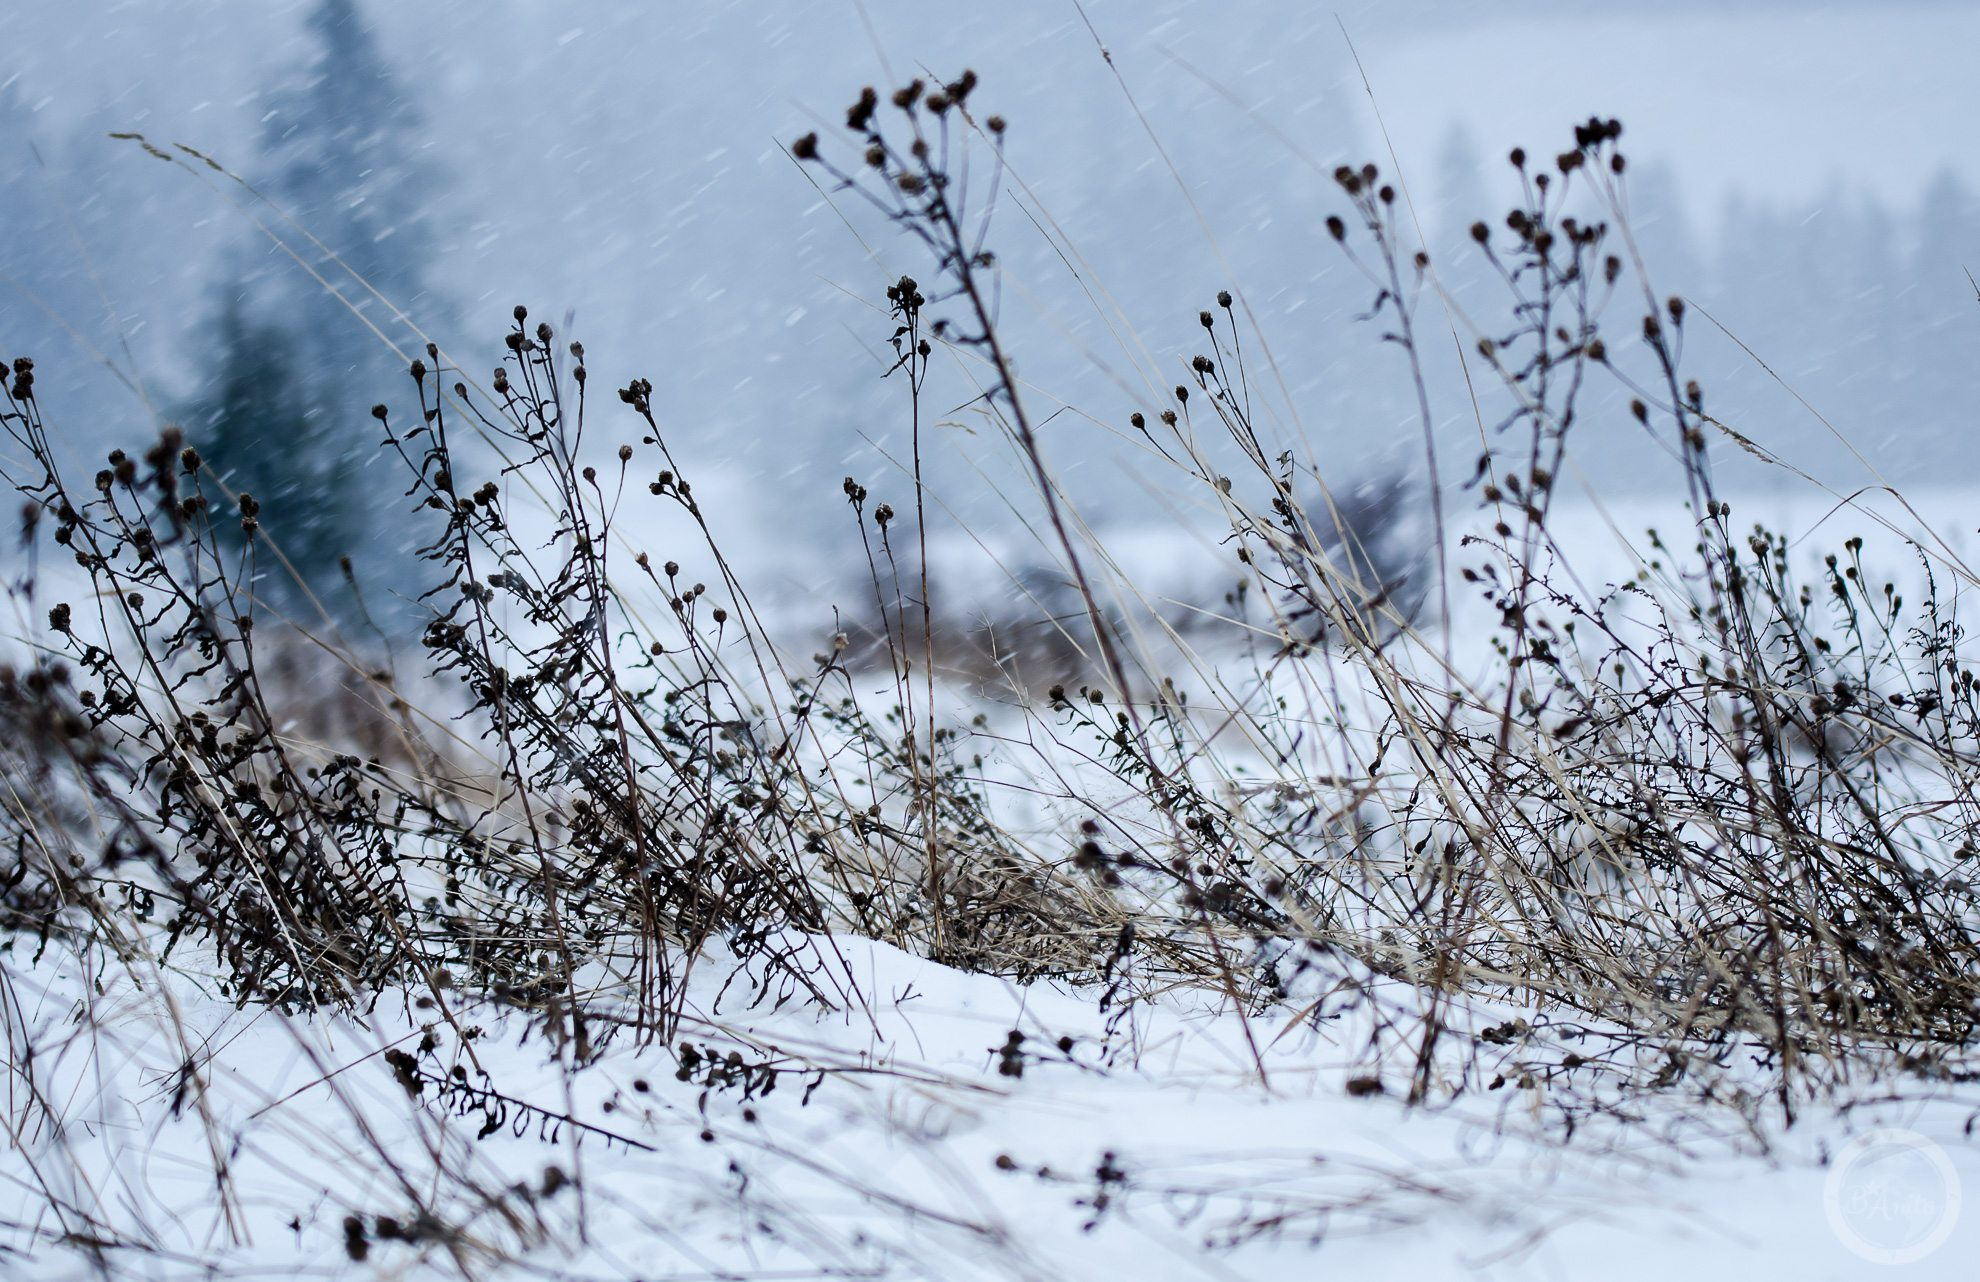 Zamieć wPieninach. Napierwszym planie uschnięte rośliny, wtle widać szalejącą śnieżycę.